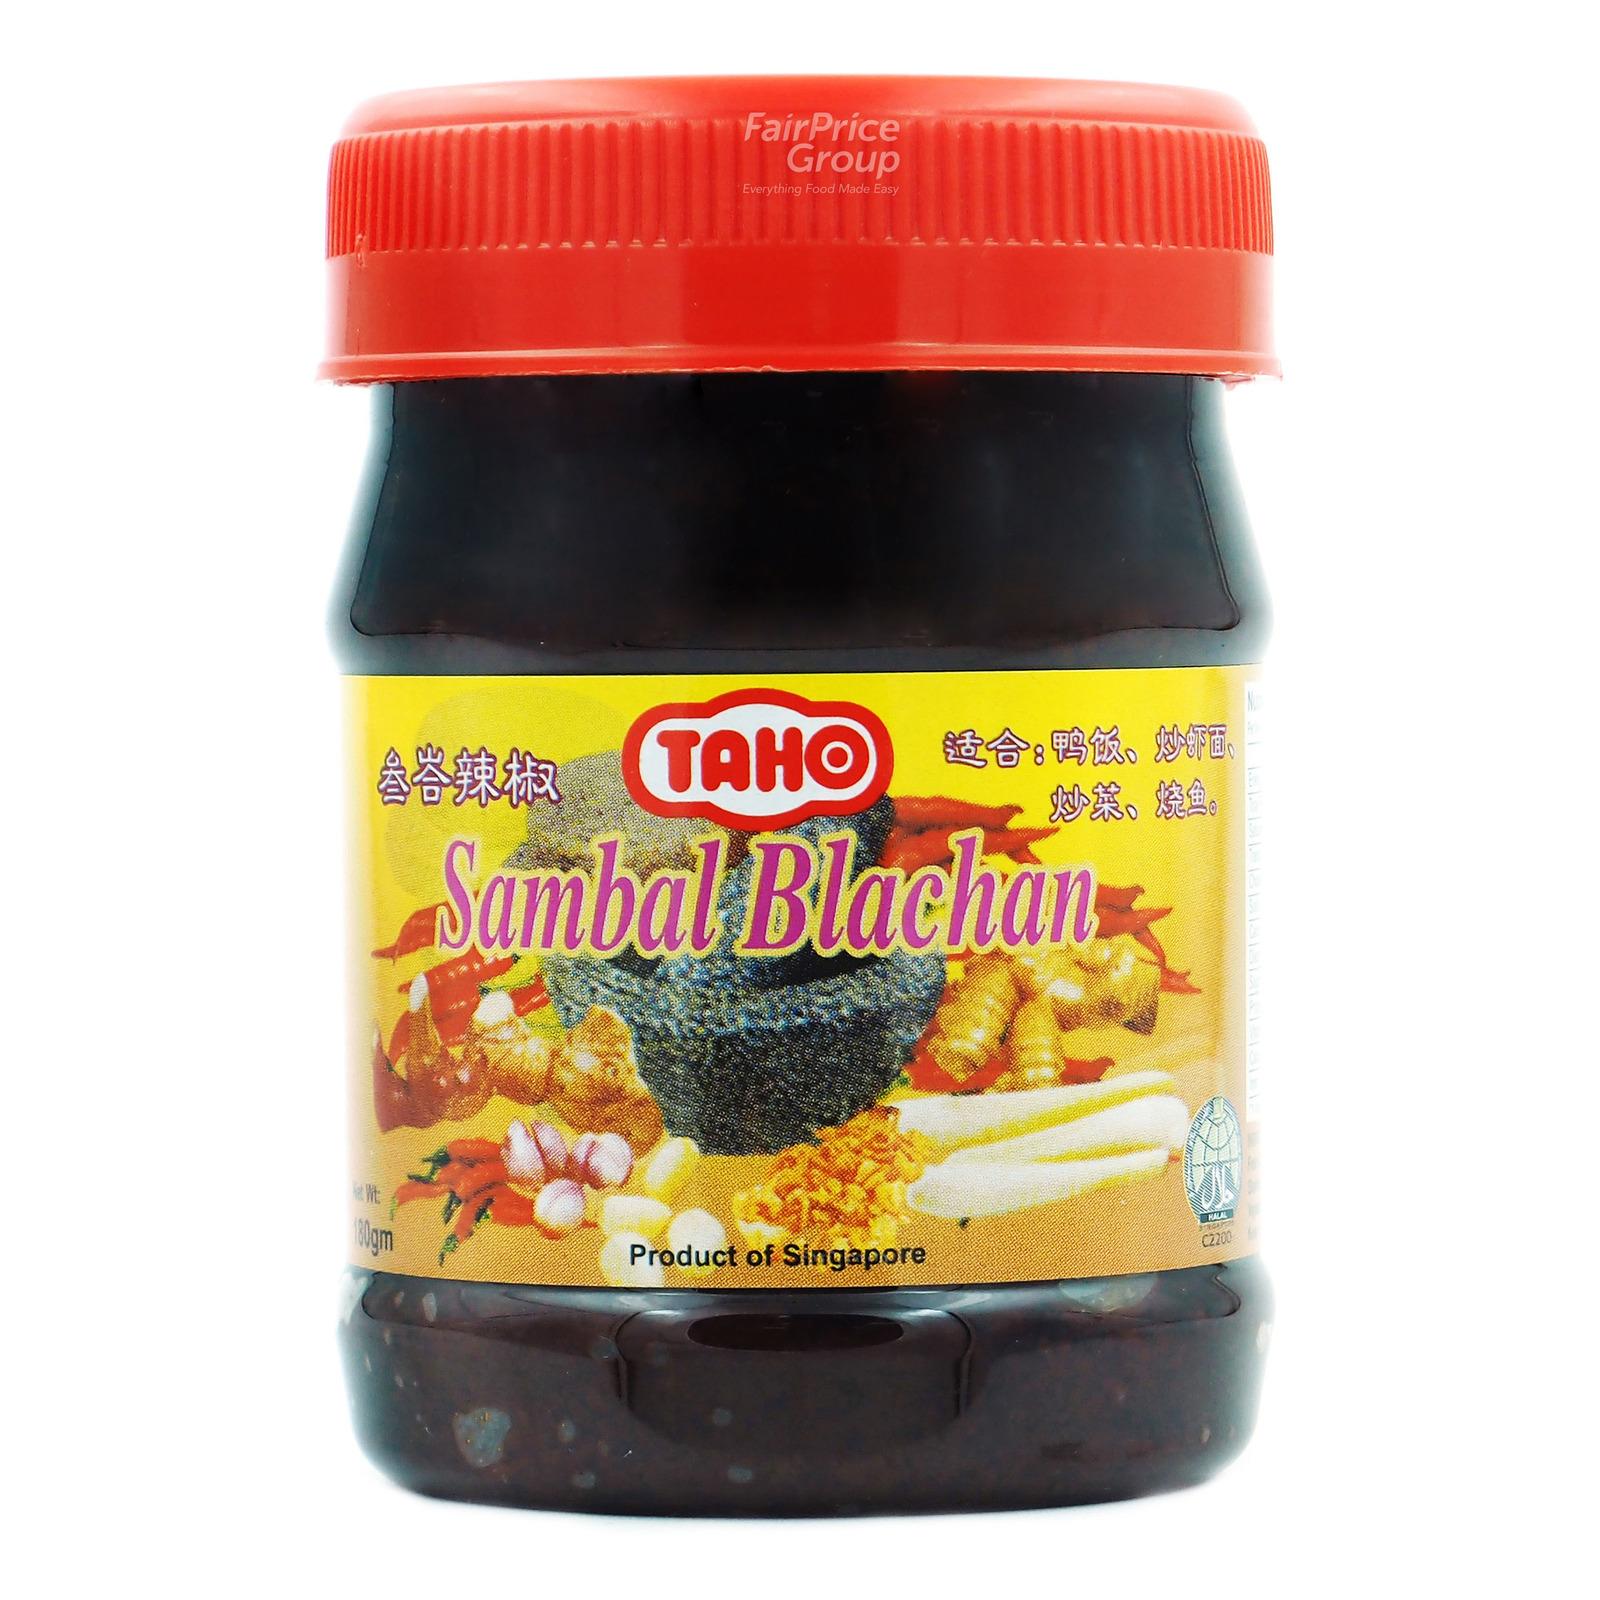 Taho Sambal Blachan Chili